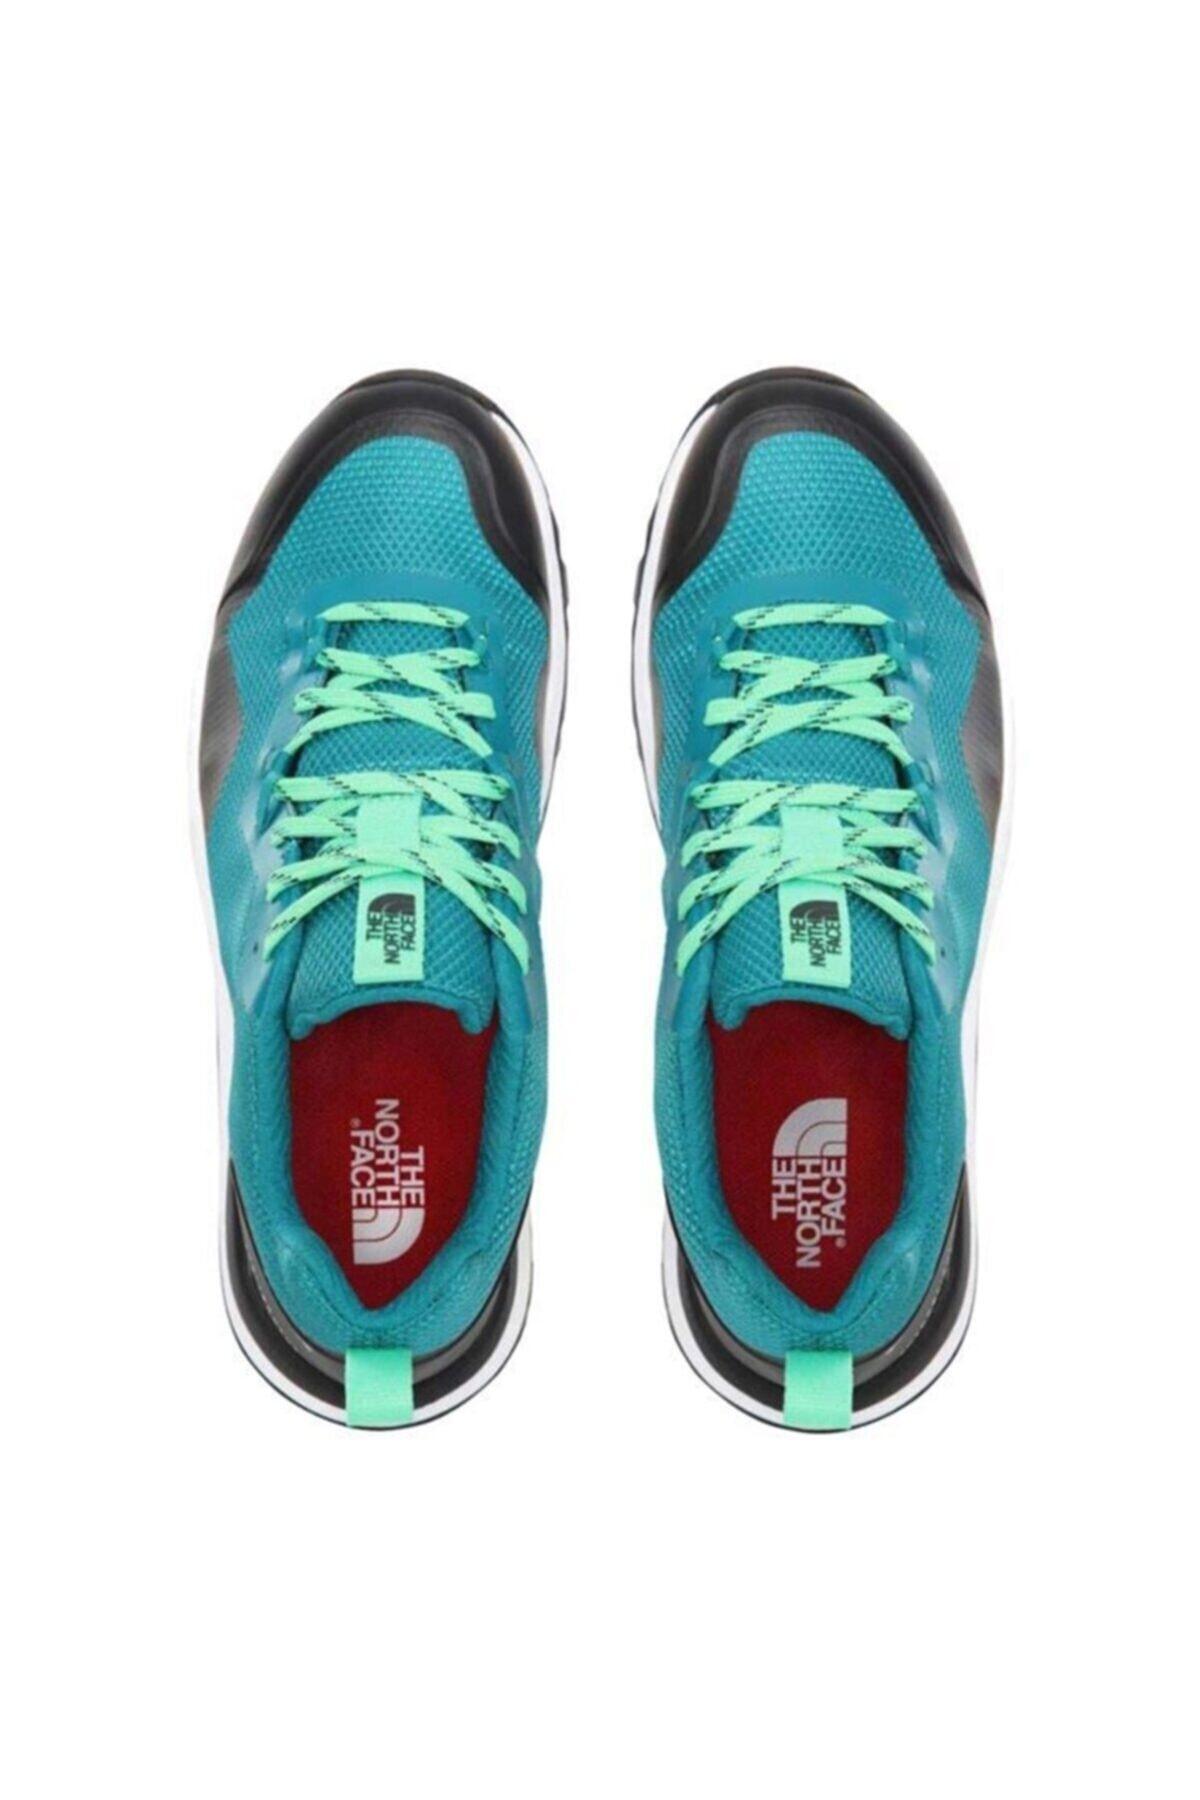 THE NORTH FACE Erkek Yeşil Bağcıklı Ayakkabı 1